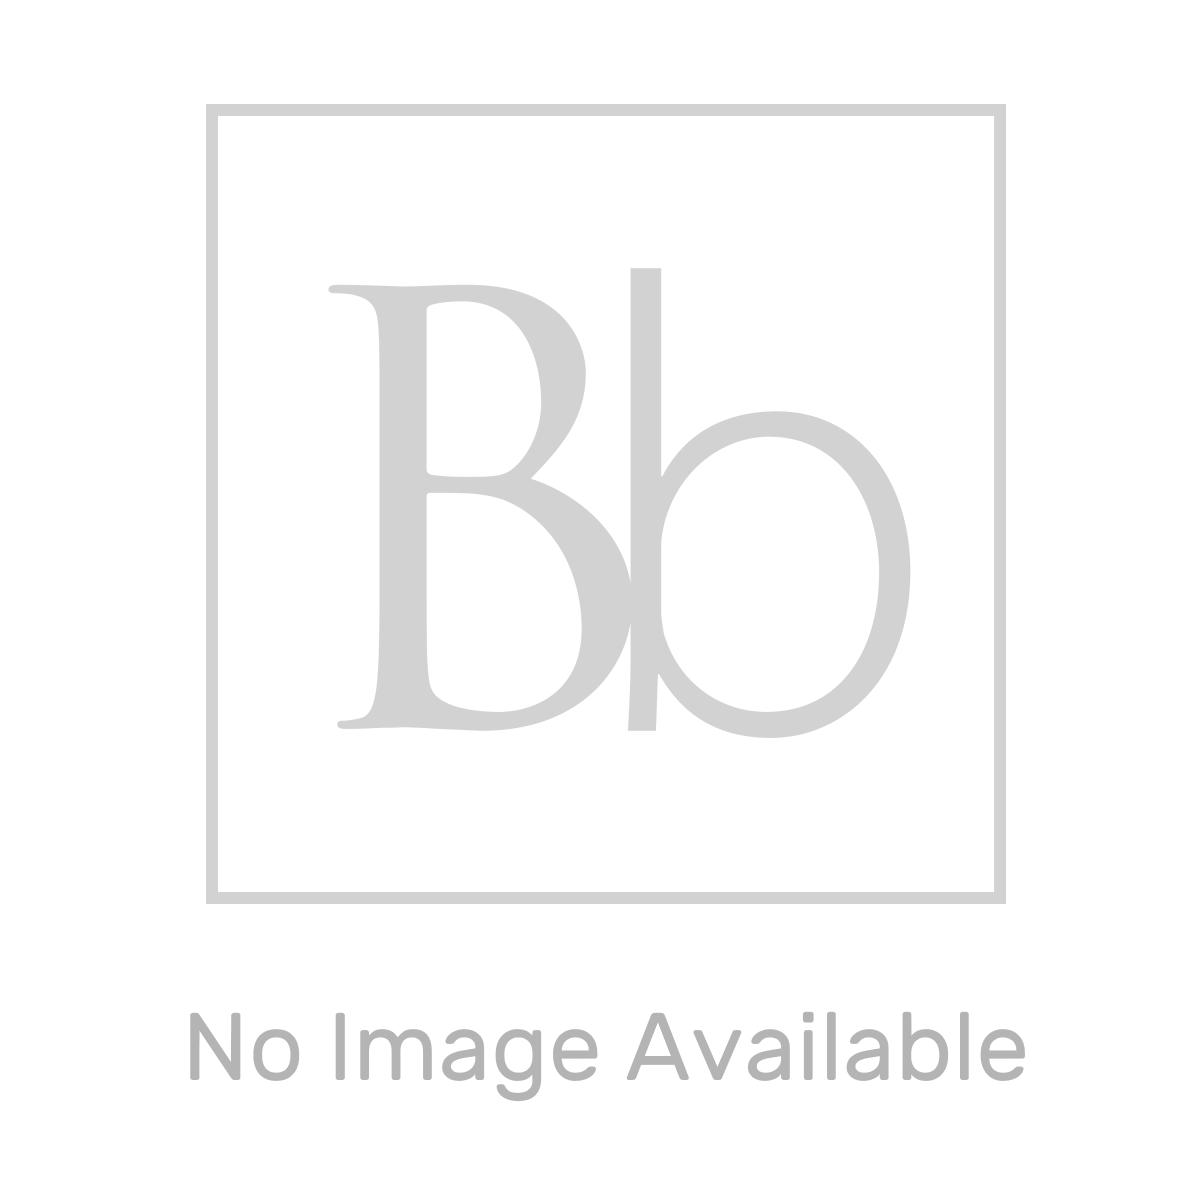 Tavistock Millennium Limed Oak Wood Veneer Toilet Seat